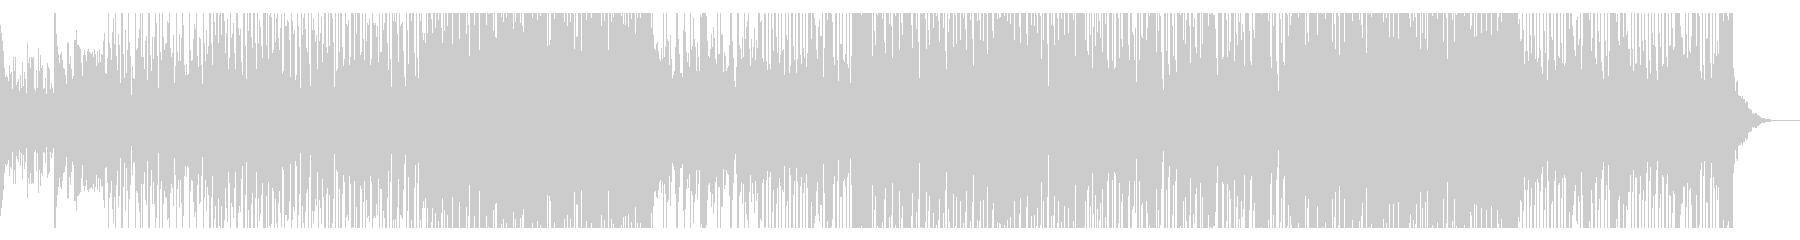 怪しい雰囲気と切ないメロディが印象的な曲の未再生の波形